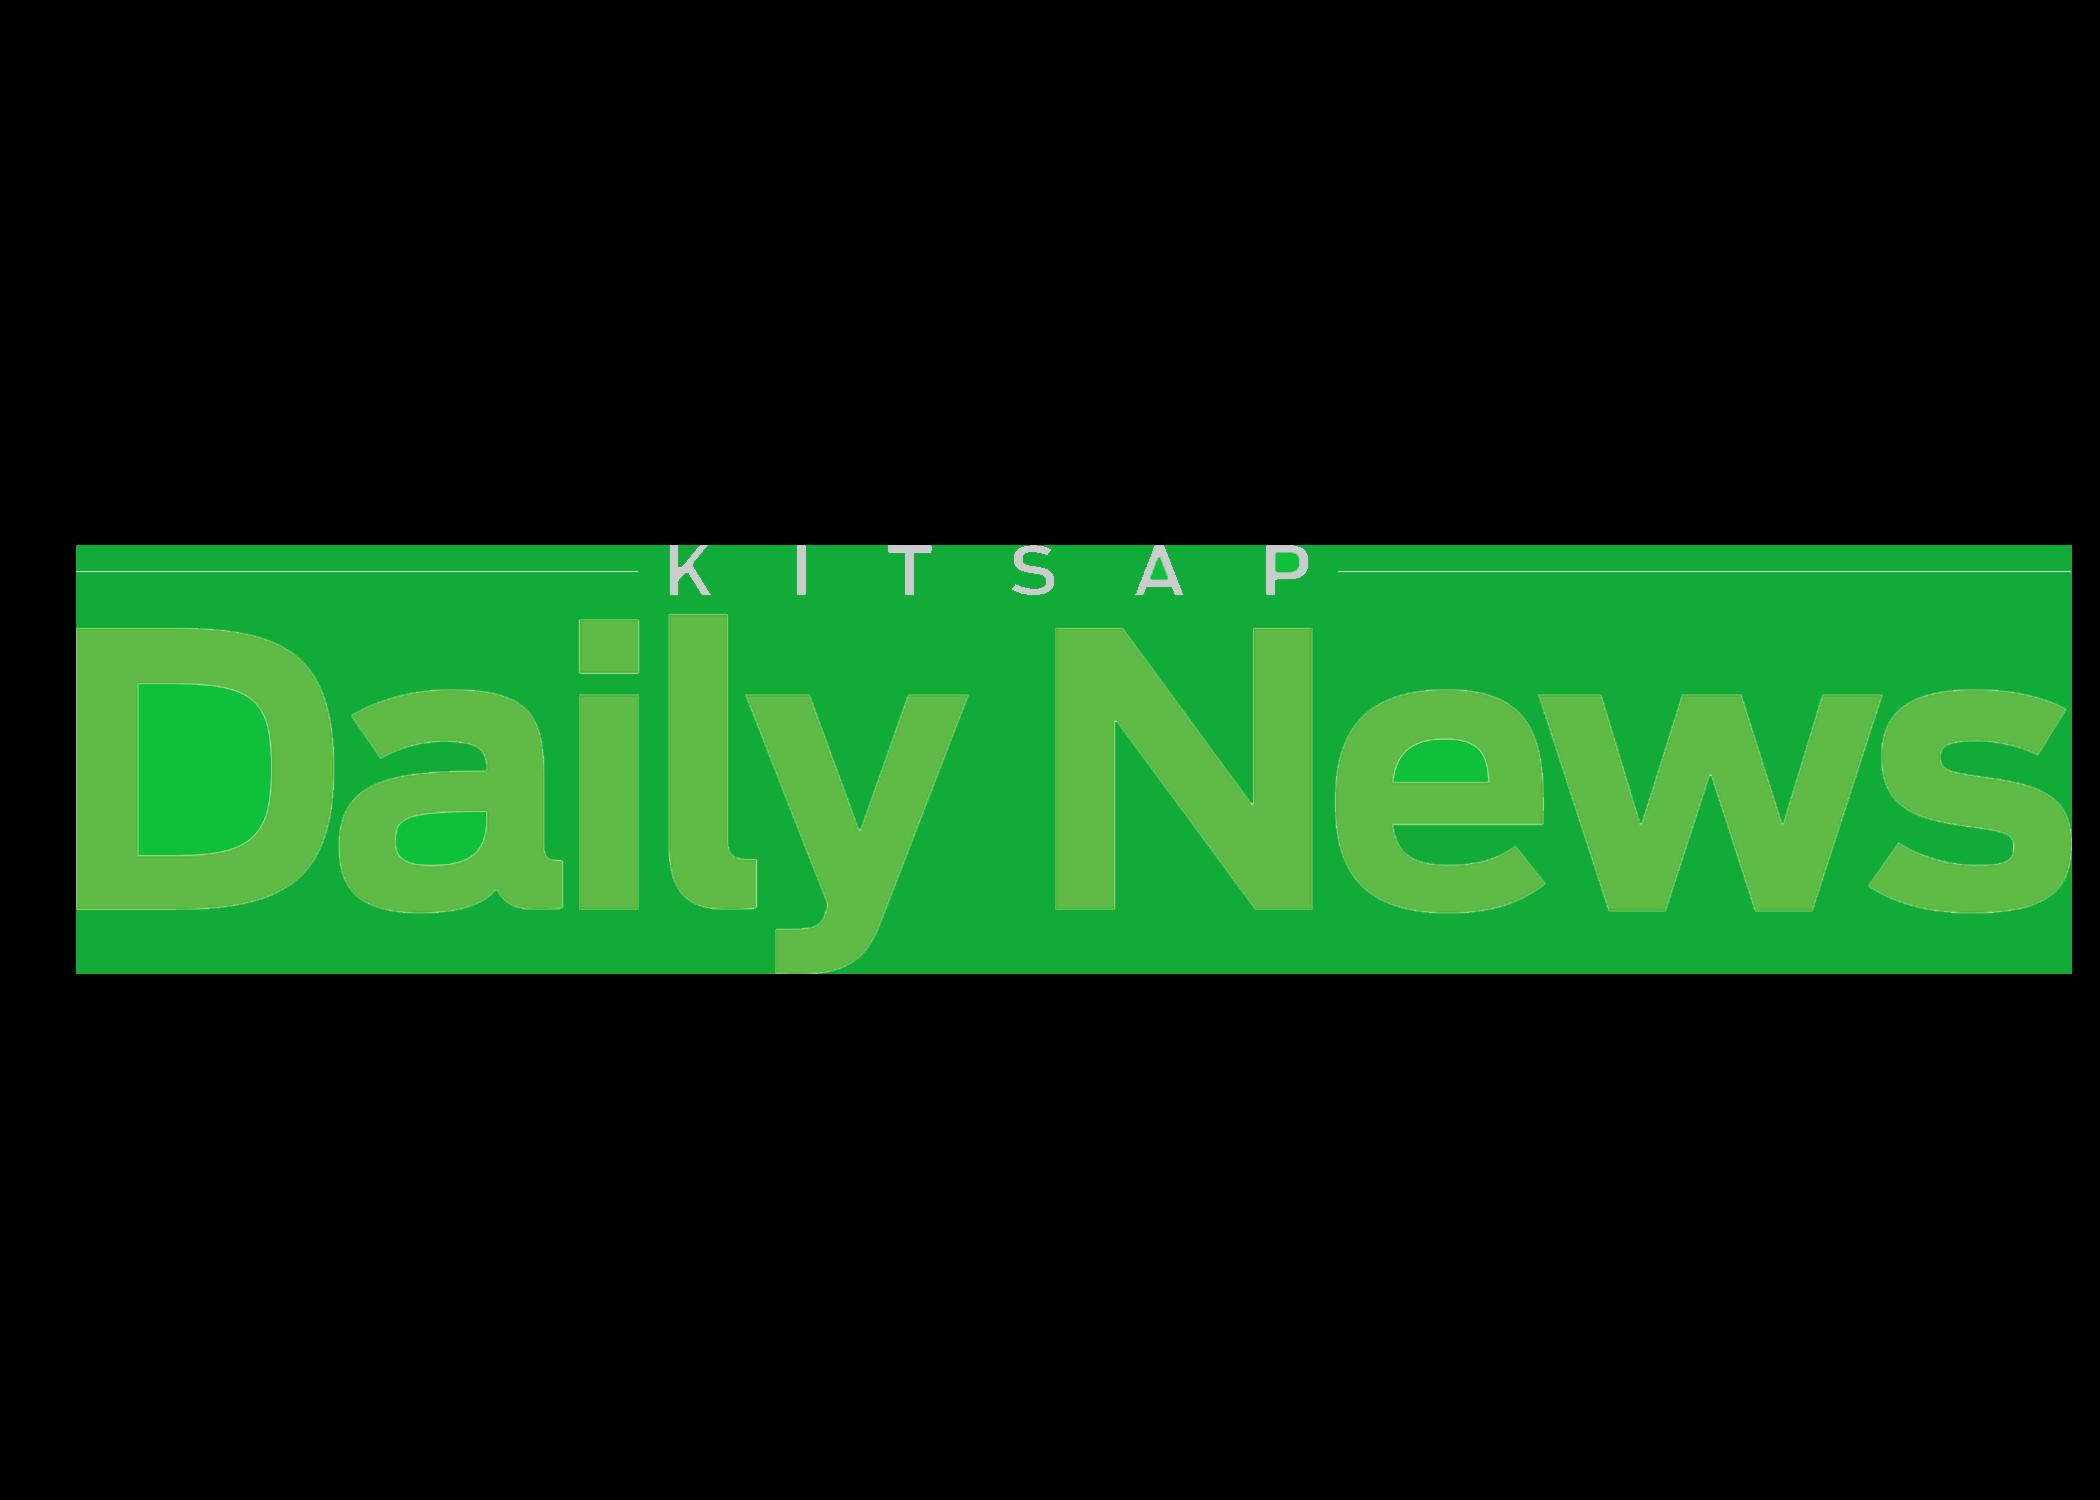 Mark Krulish, Kitsap Daily News